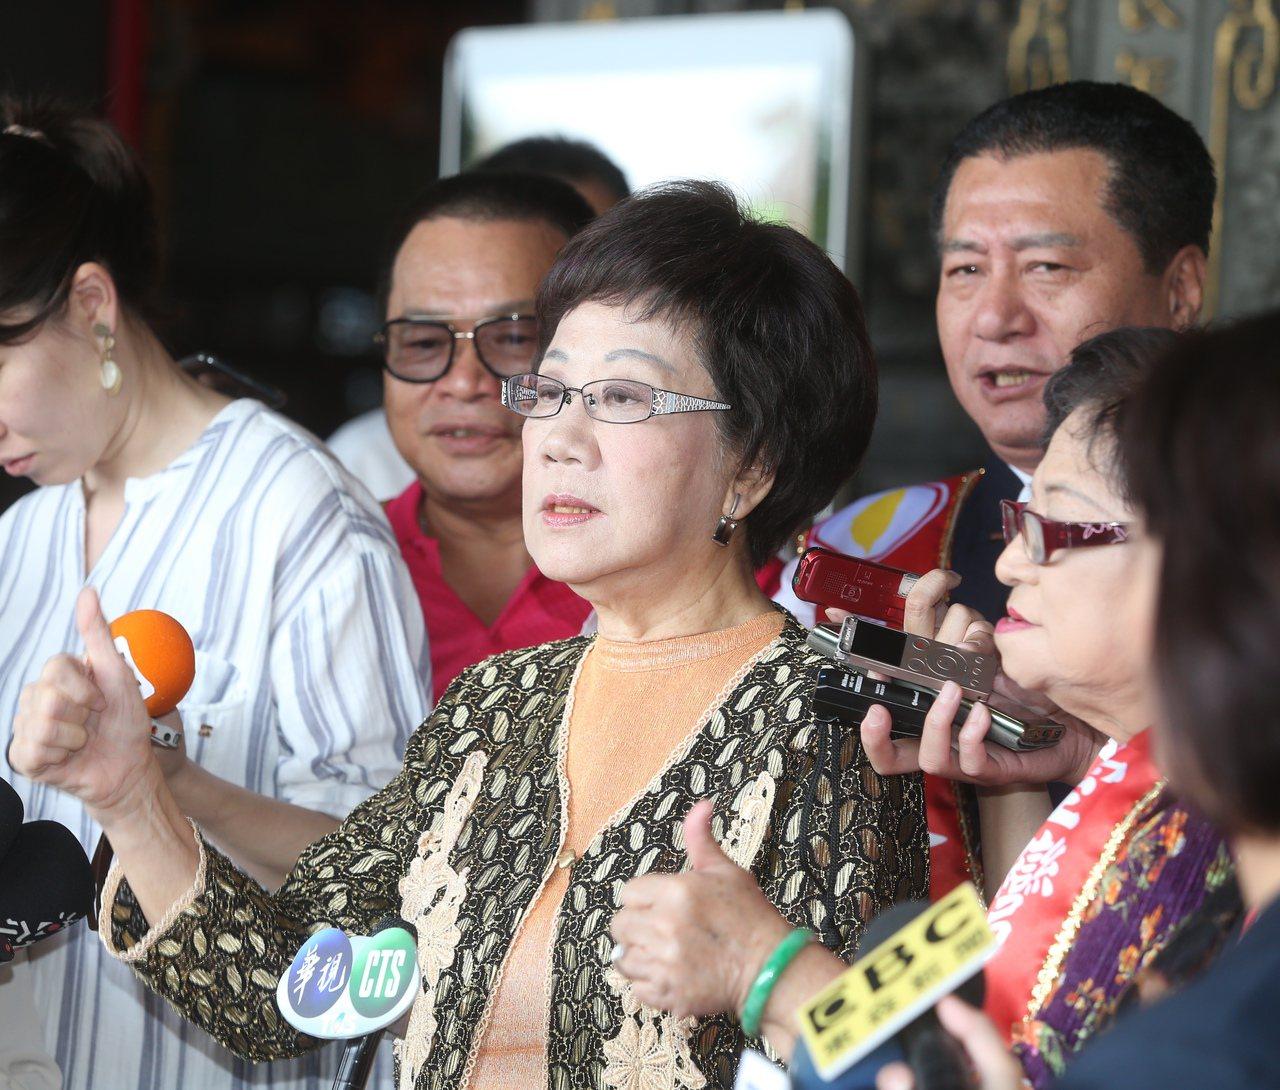 總統府昨天公布總統蔡英文的博士論文原稿,前副總統呂秀蓮今天表示,這總是好的一步,...